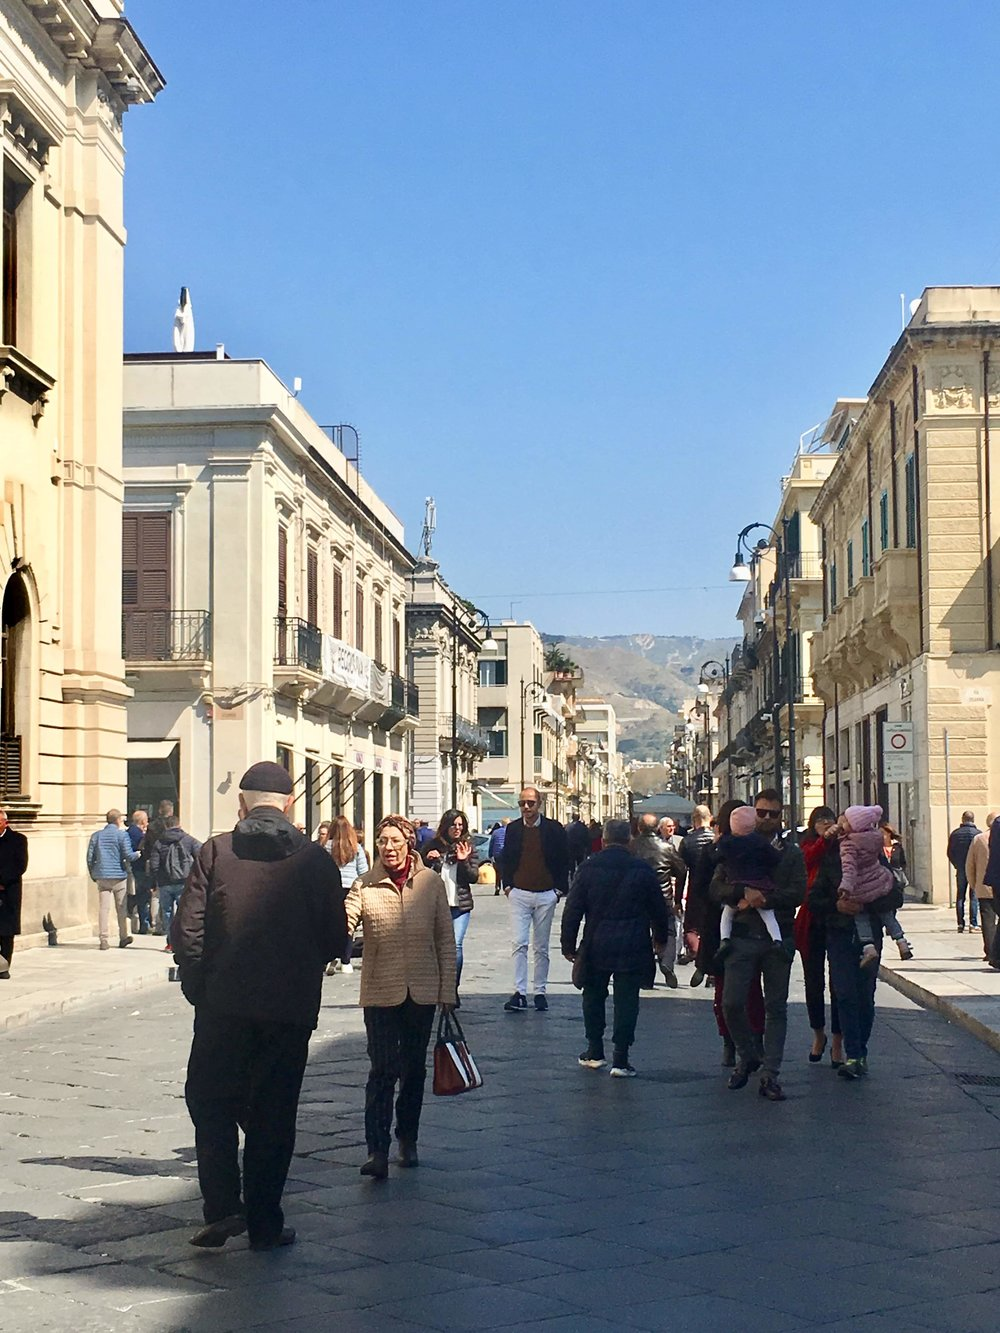 A traditional Sunday passeggiare in Reggio Calabria